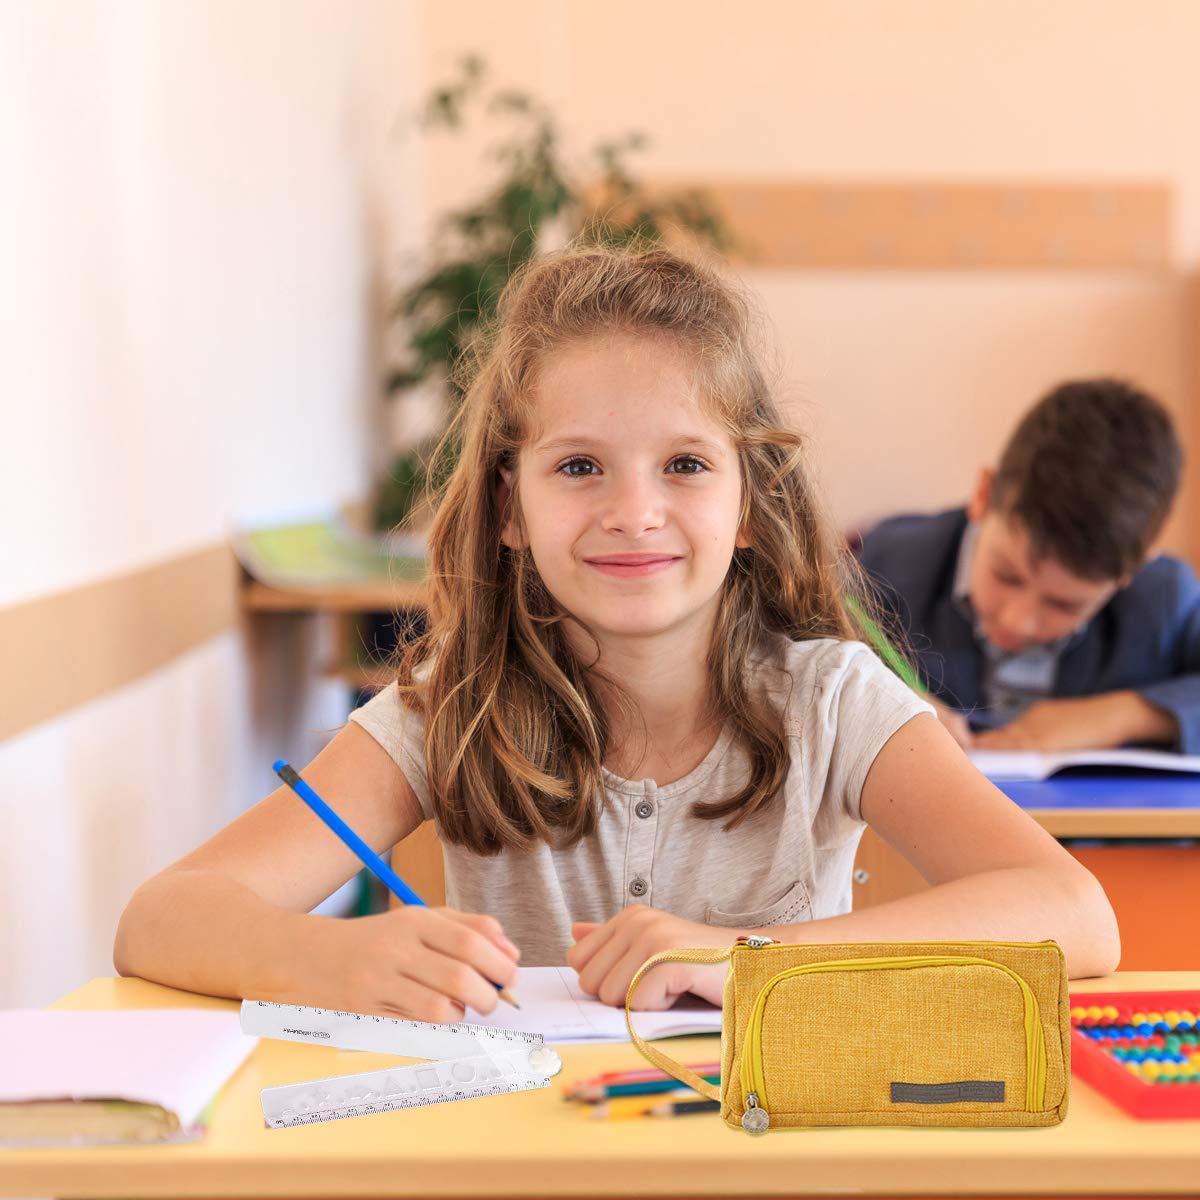 universit/à cancelleria grande capacit/à per scuola BYSOU Astuccio per matite e penne ufficio con cerniera Rosa e bianco.